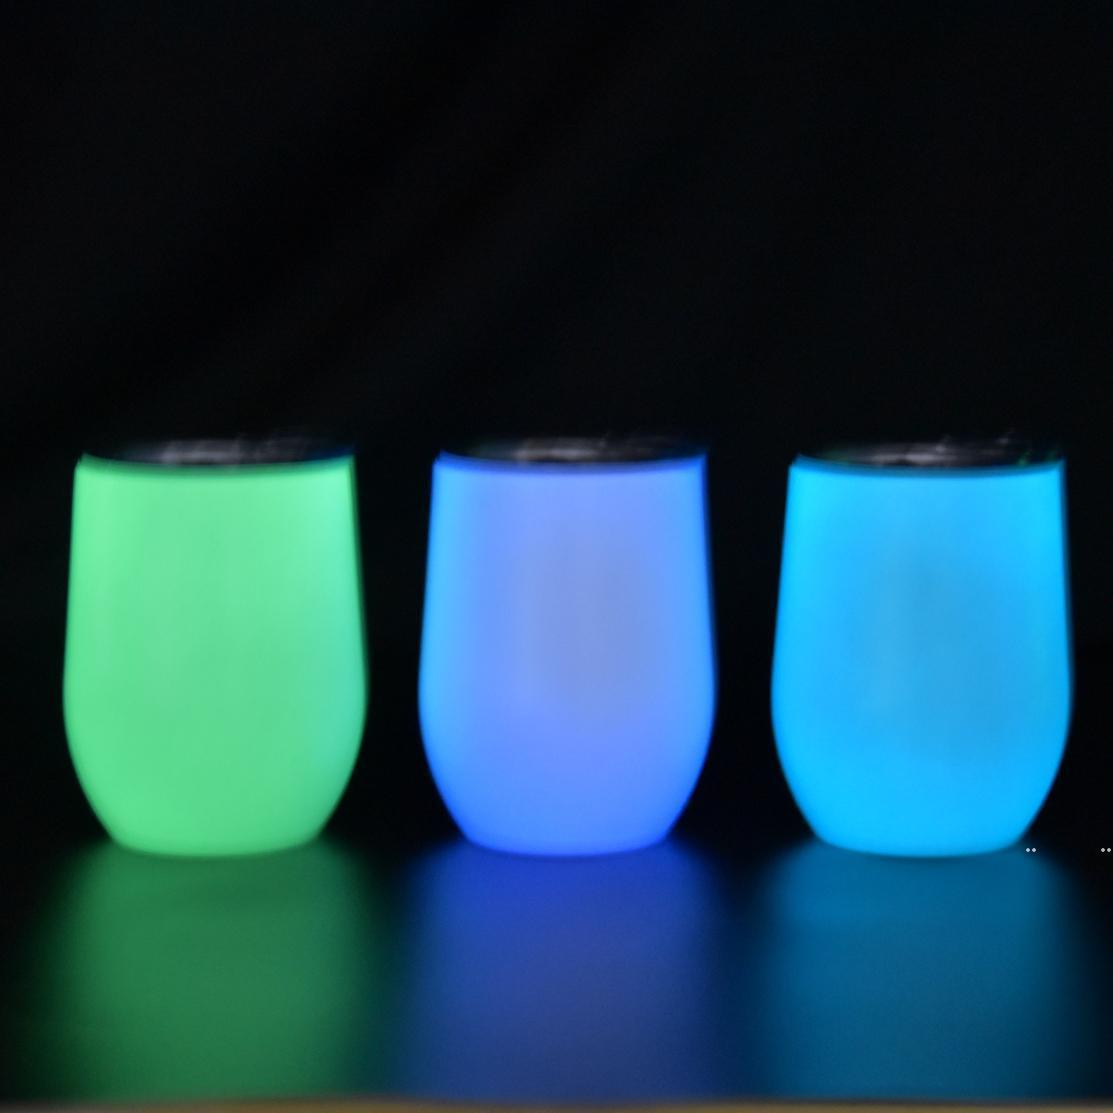 NEU! 12Oz Sublimation Leuchtende Eierbecher, die in der dunklen Edelstahl-Wasser-Wasserflaschen glühen Kaffeetassen doppelt isoliertes Meeresweg FWF5431